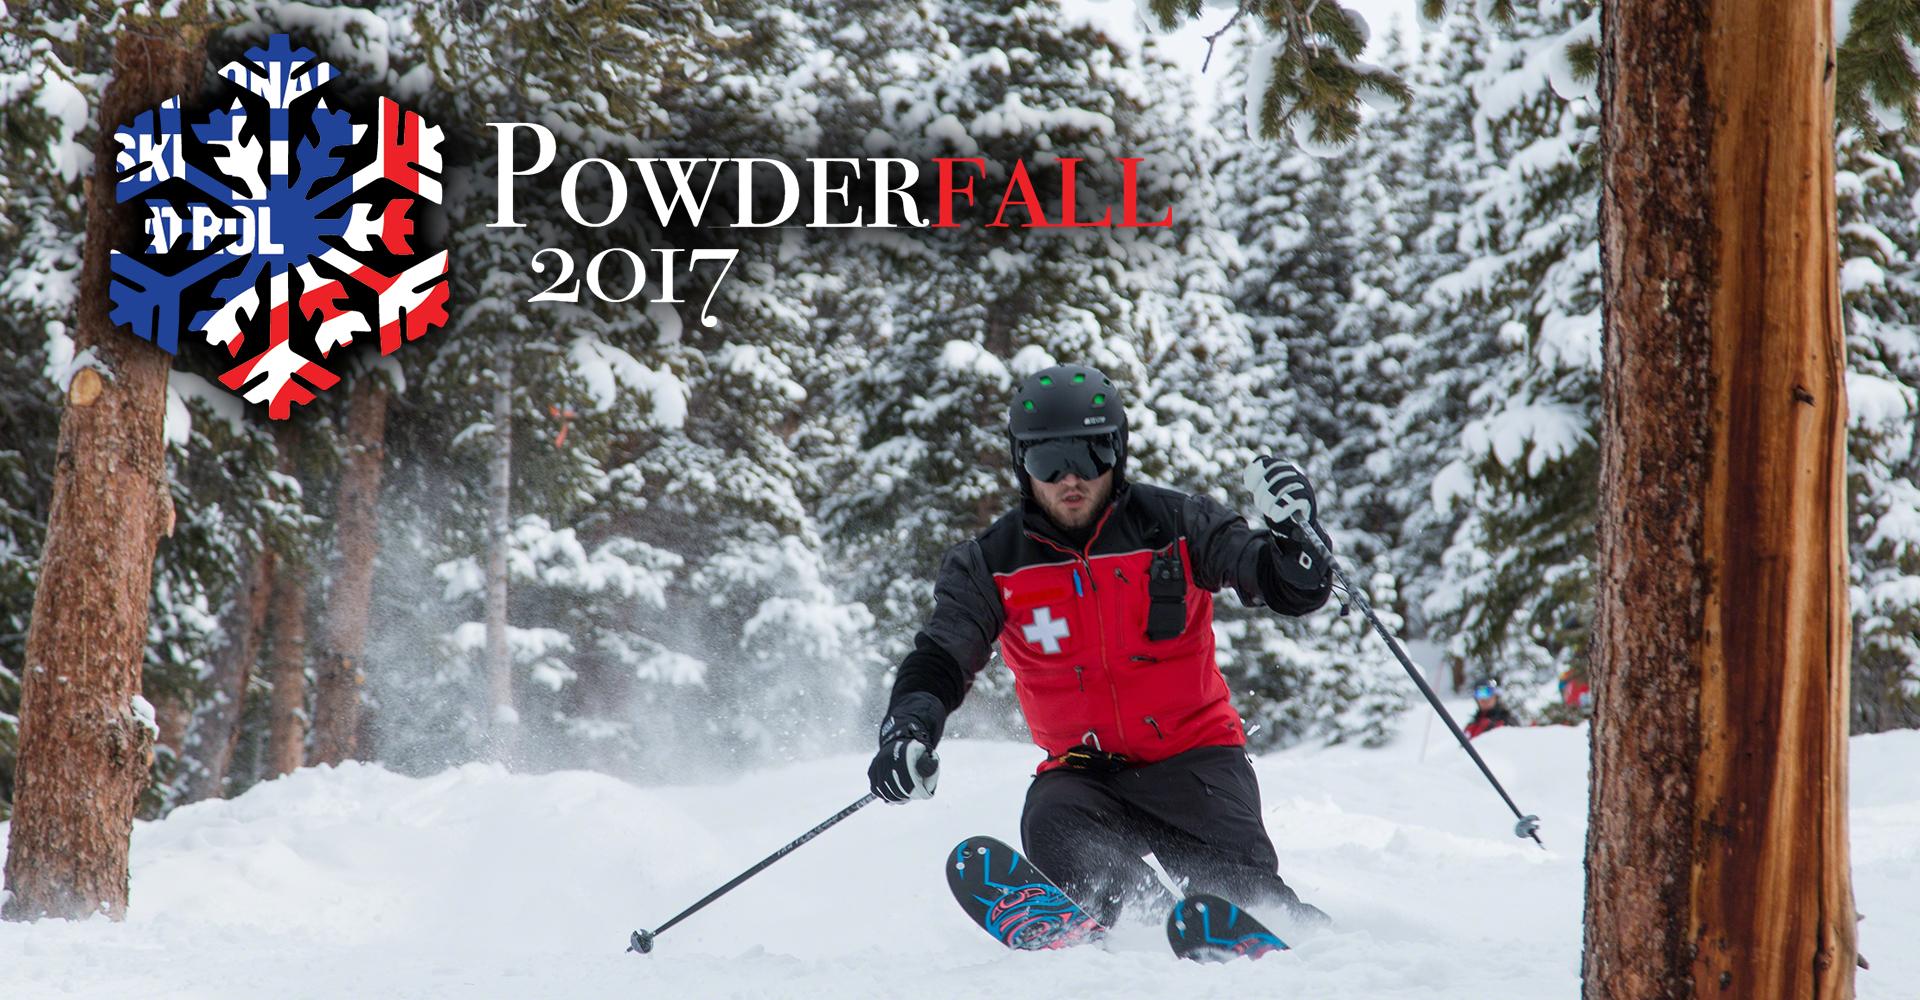 Powderfall 2017, Aspen Snowmass